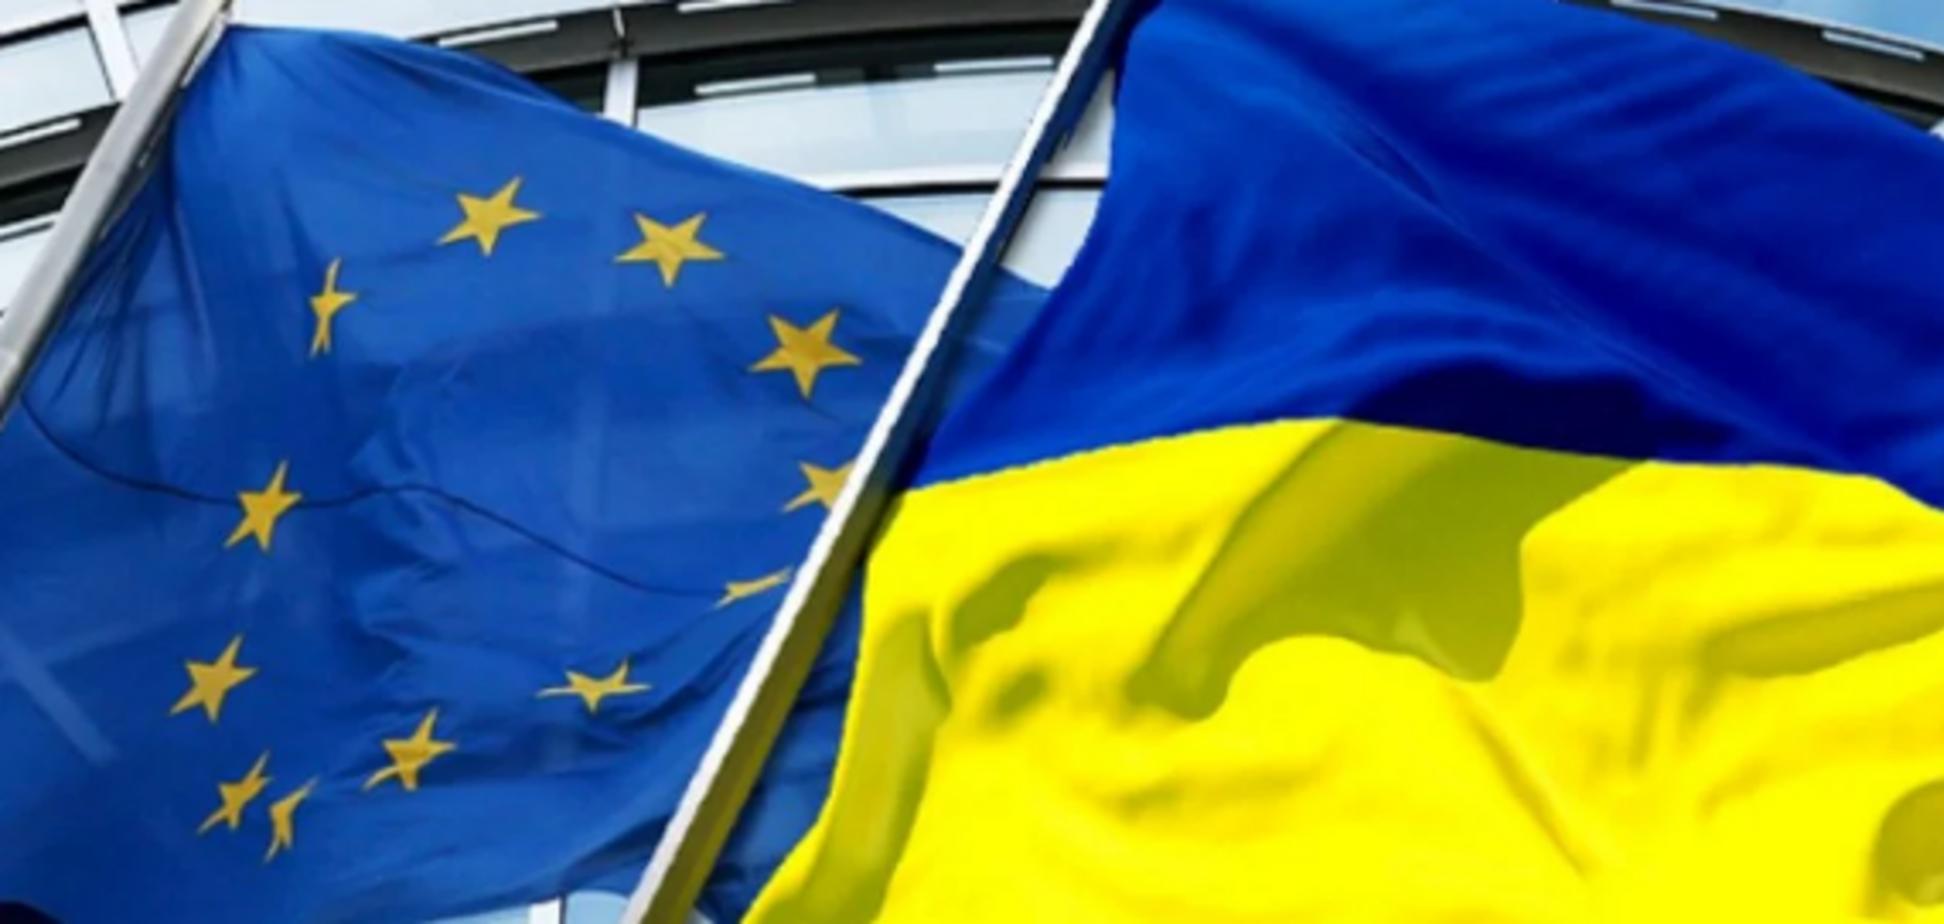 И пусть враг помолчит: появился прогноз по членству Украины в ЕС